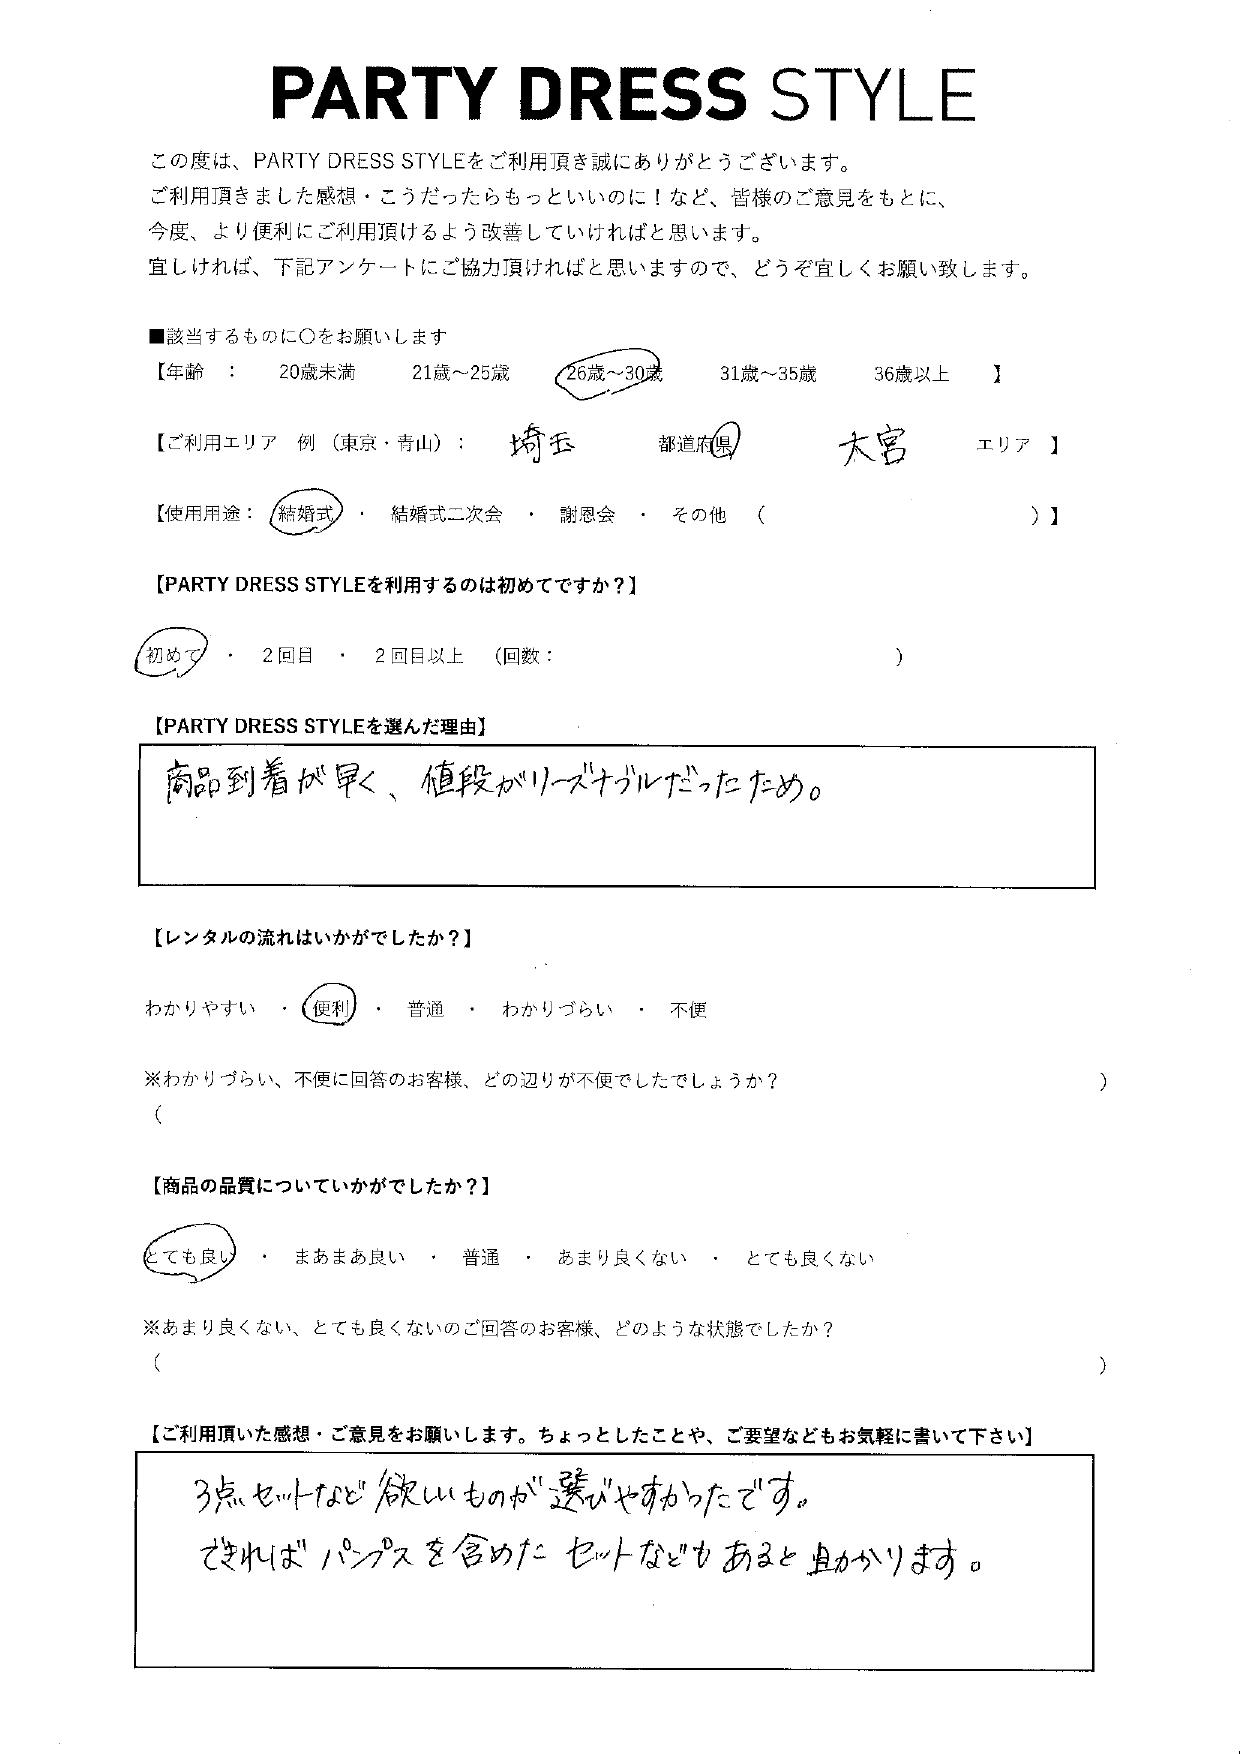 9/11結婚式ご利用 埼玉・大宮エリア